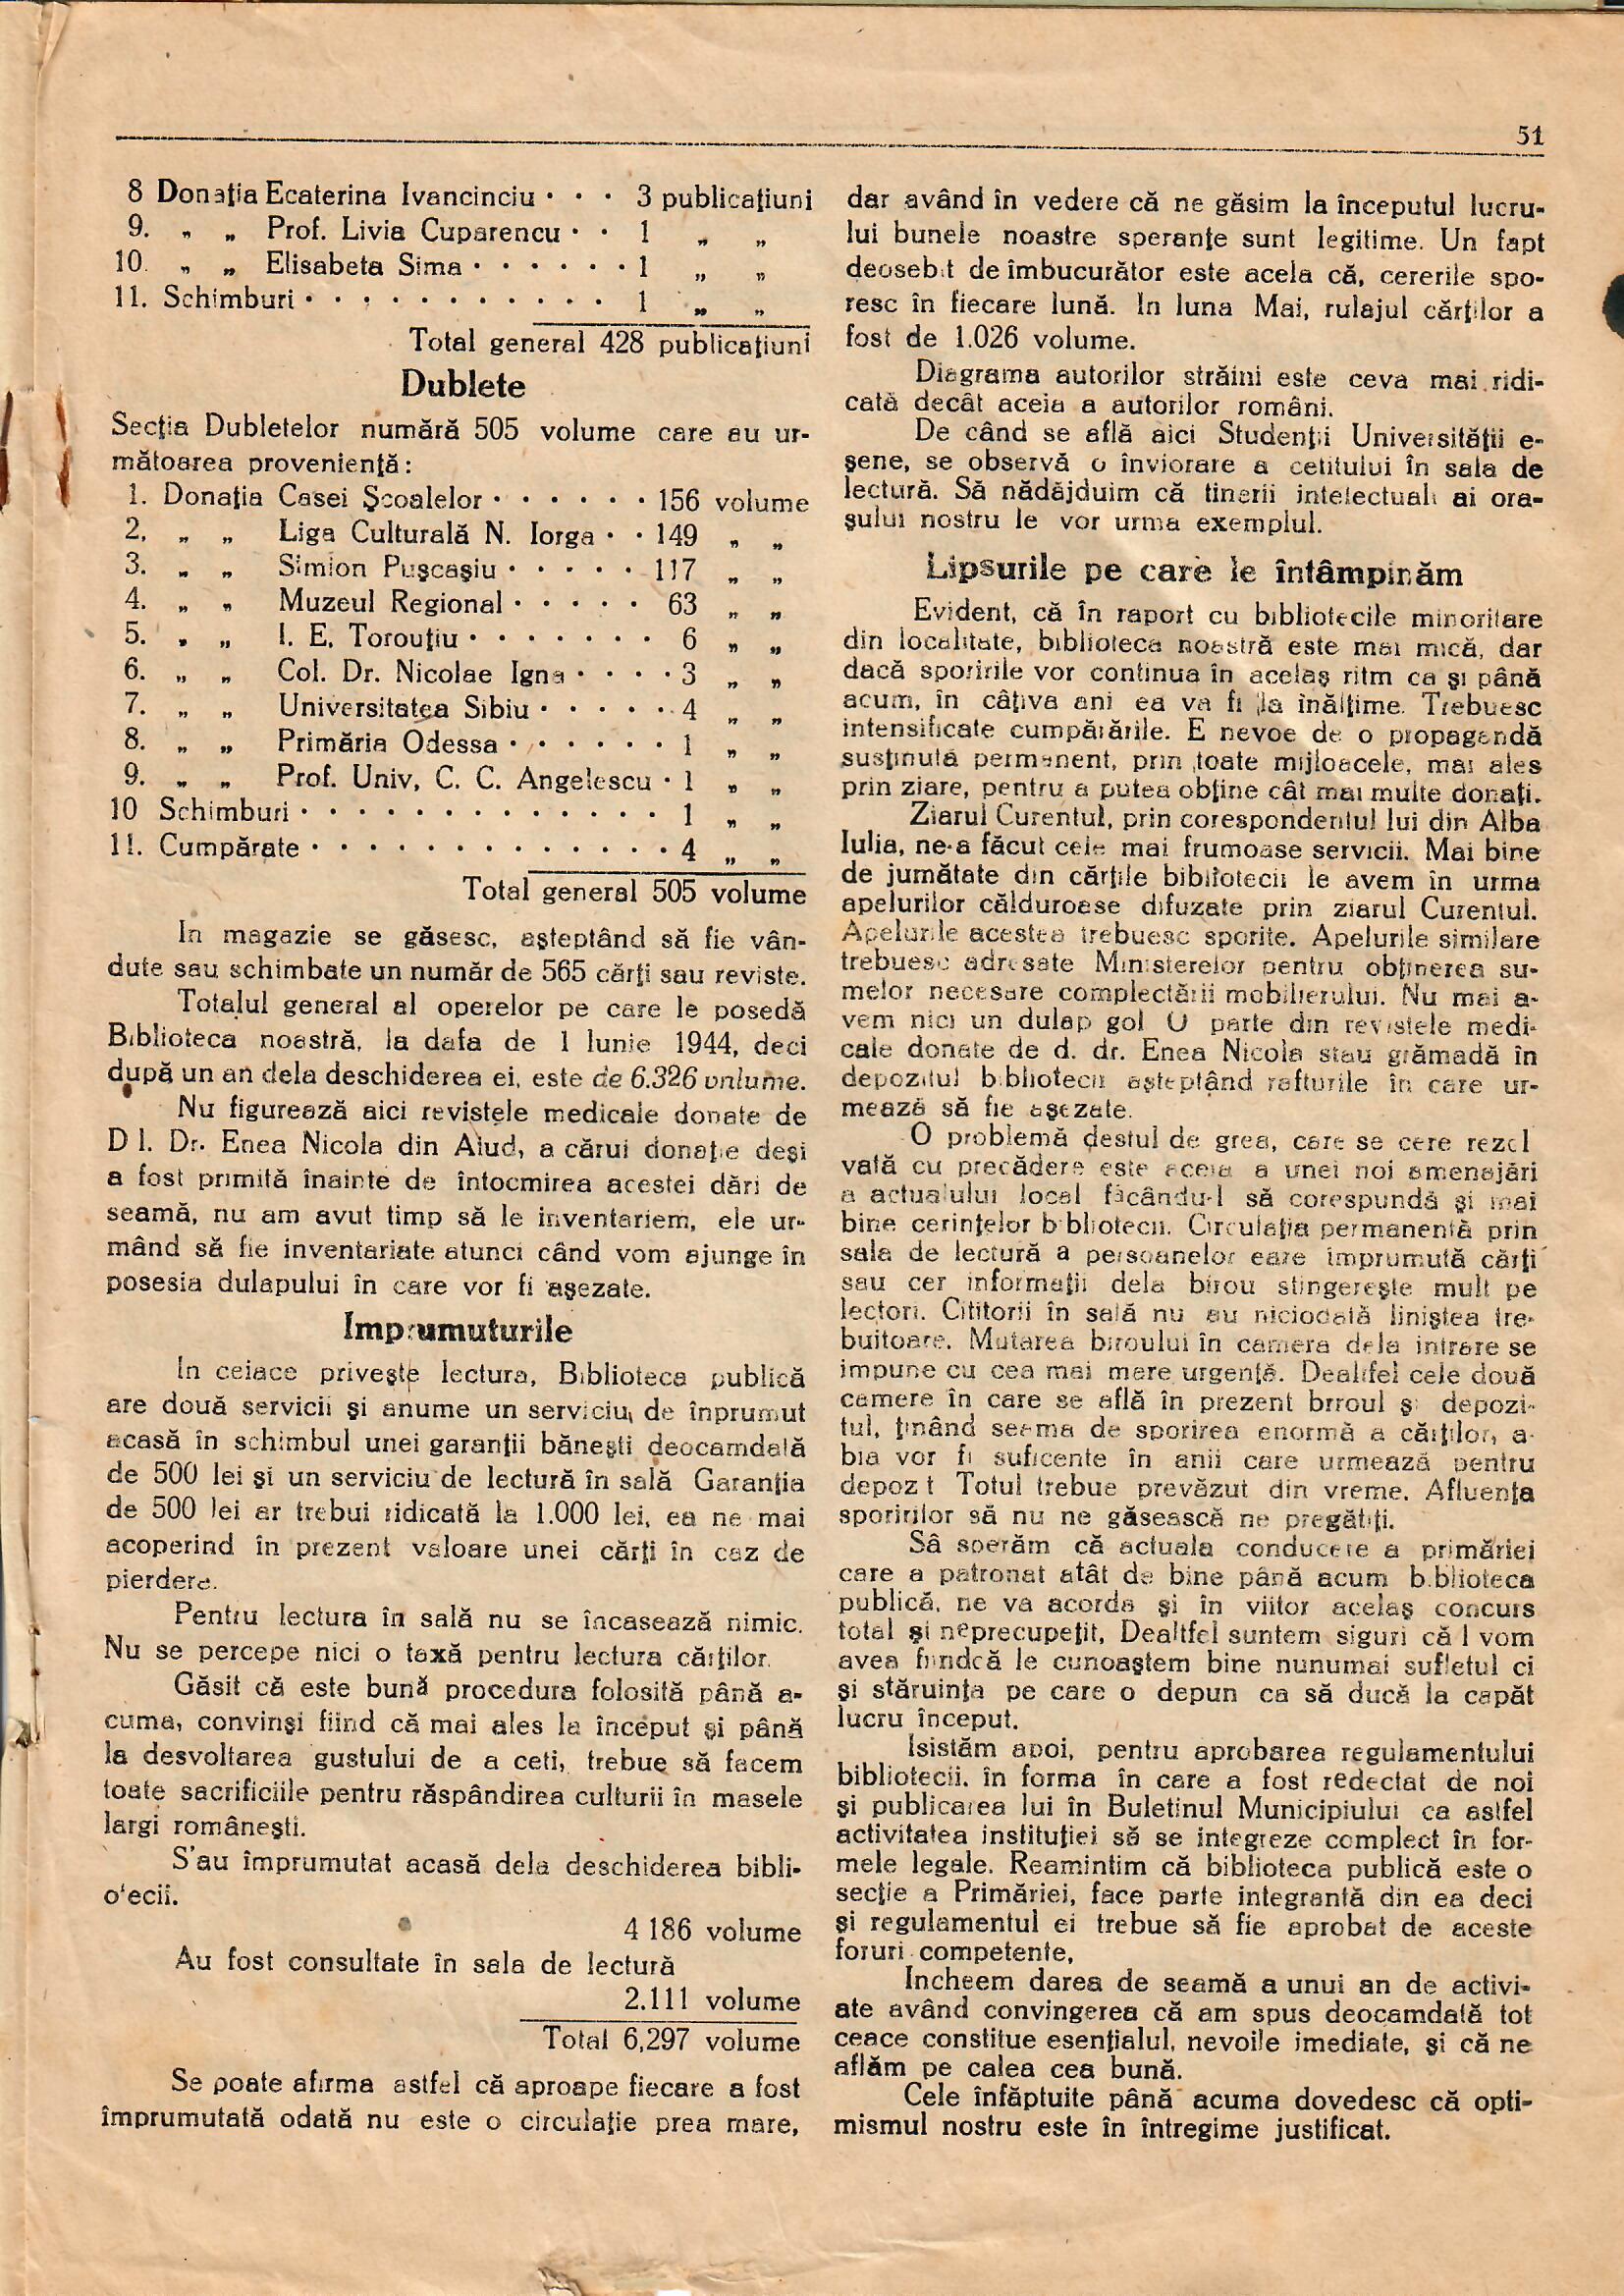 6 BO4 din 15 iunie 1944